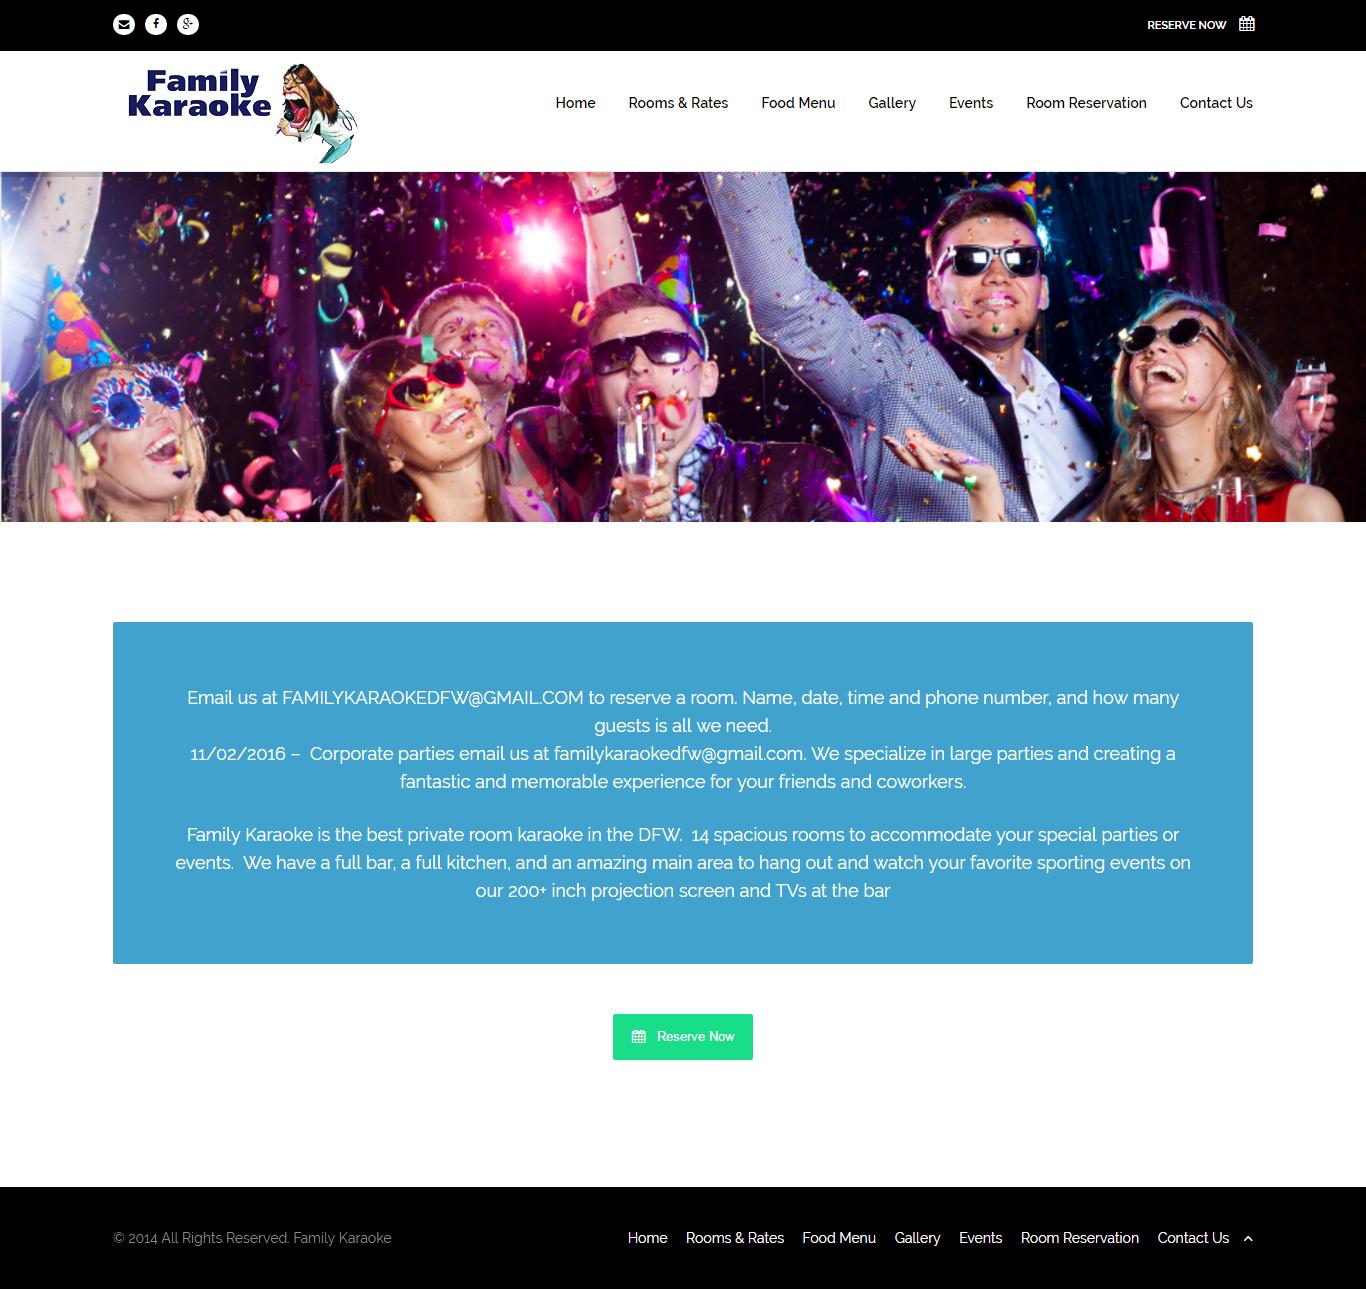 Thiết kế website Family Karaoke đẹp, chuyên nghiệp chuẩn SEO